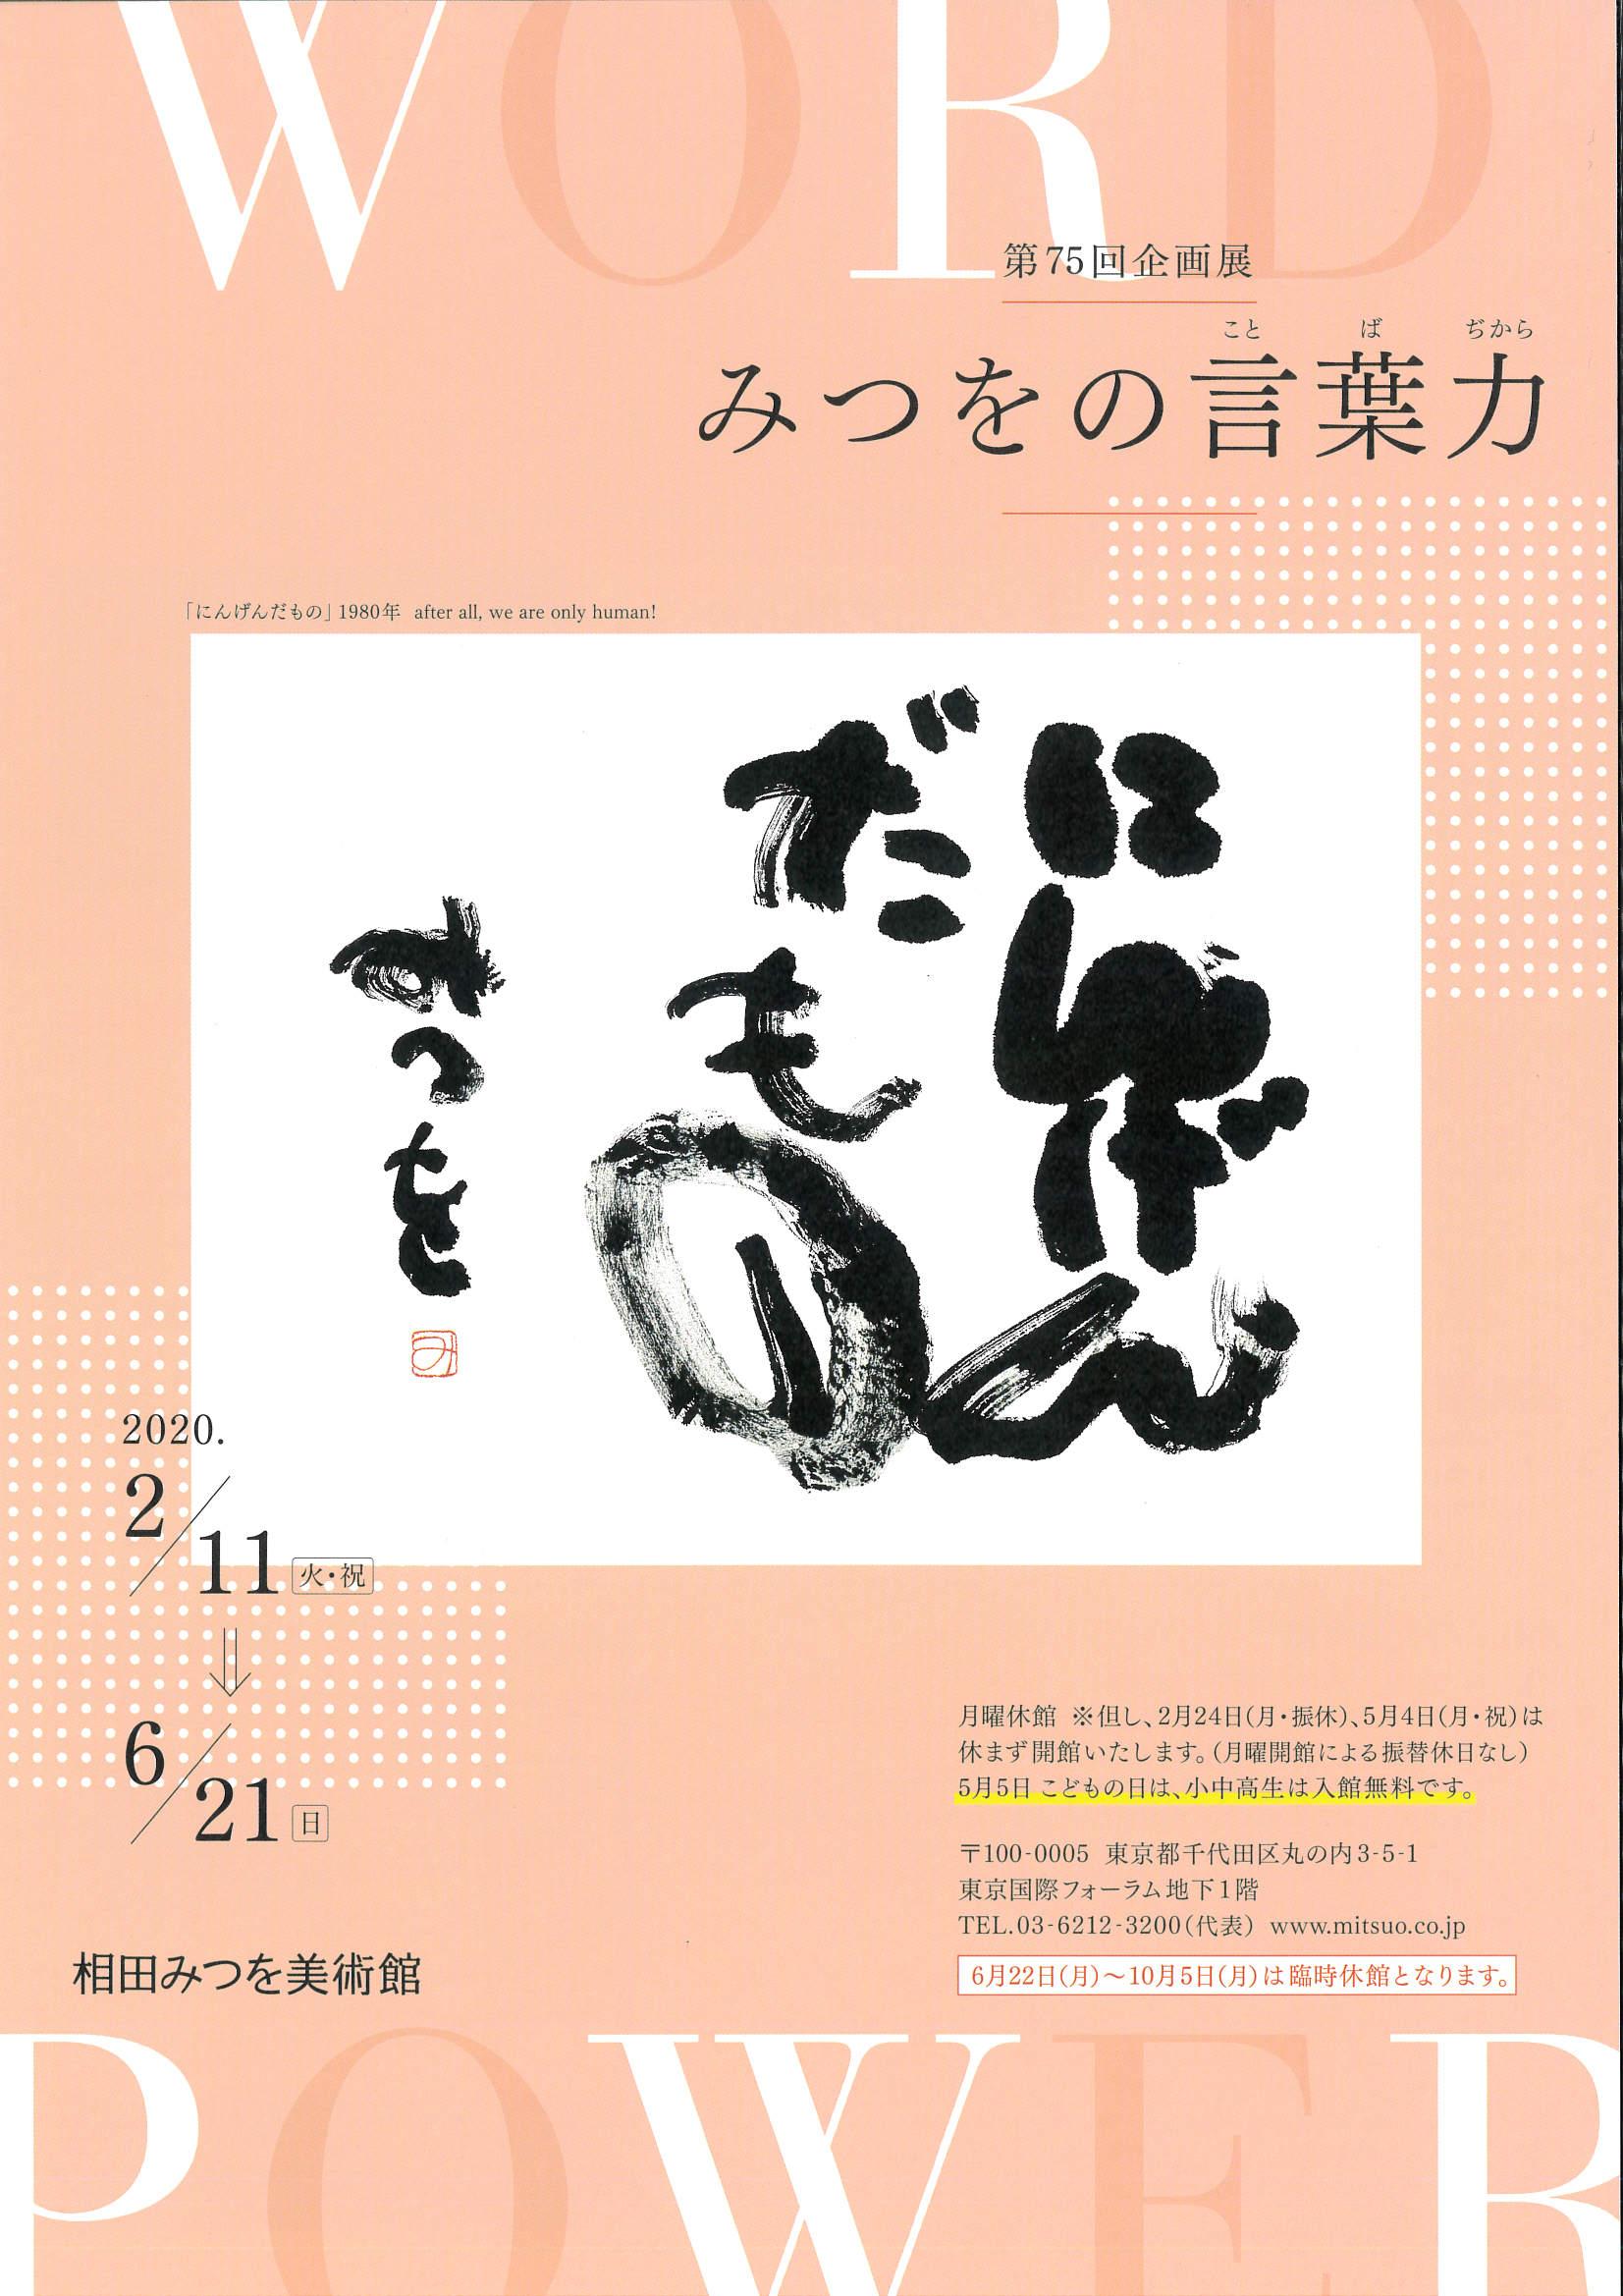 3月のおすすめ展覧会 入場 東京 ミュージアム ぐるっとパス2019